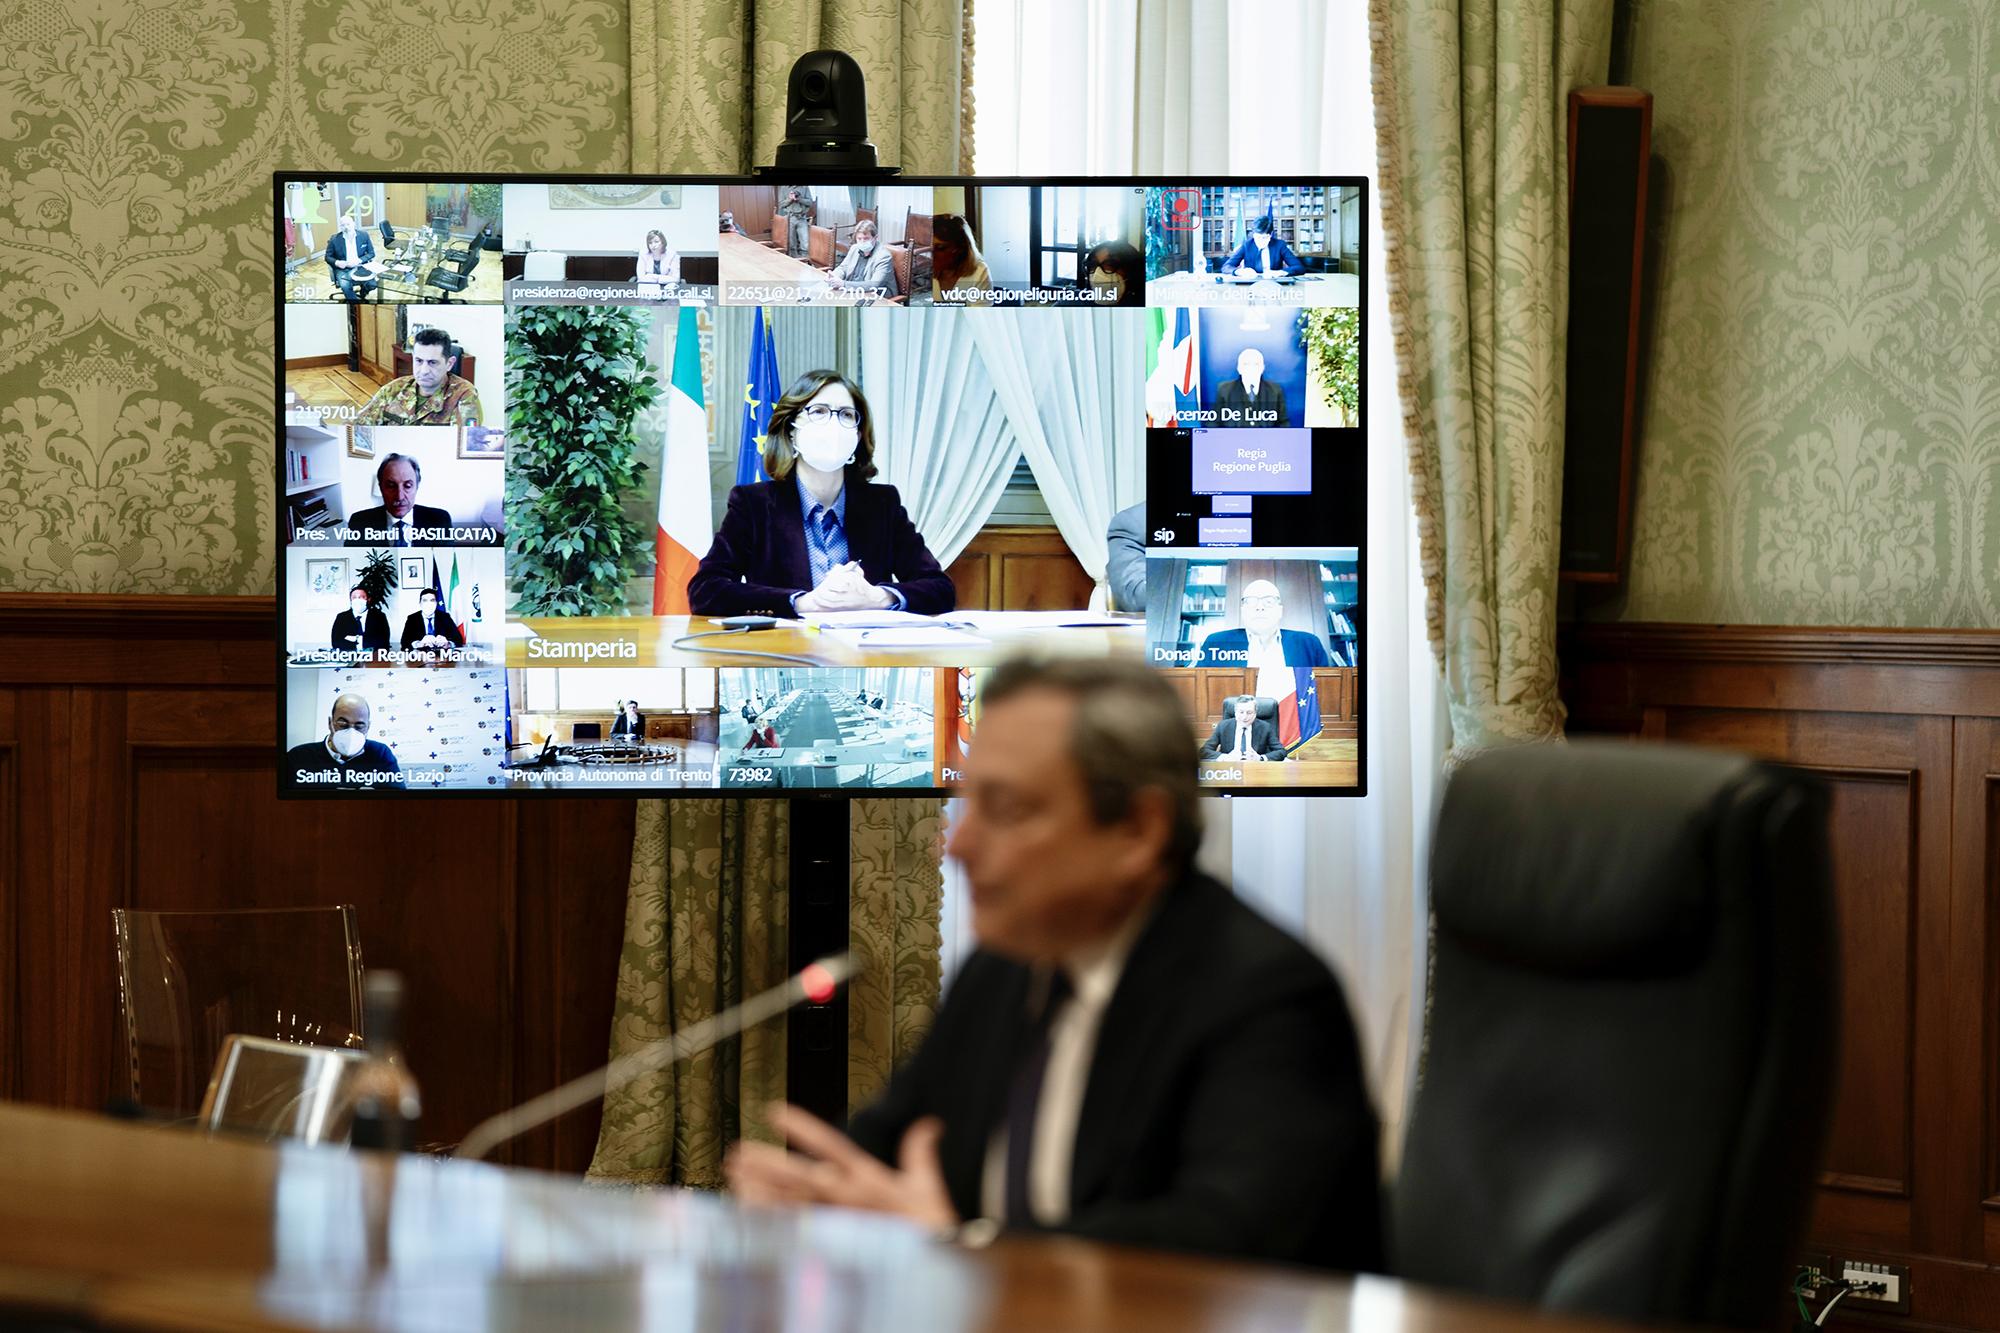 Governo ultime notizie: le regole del nuovo Decreto valido fino al 30 aprile